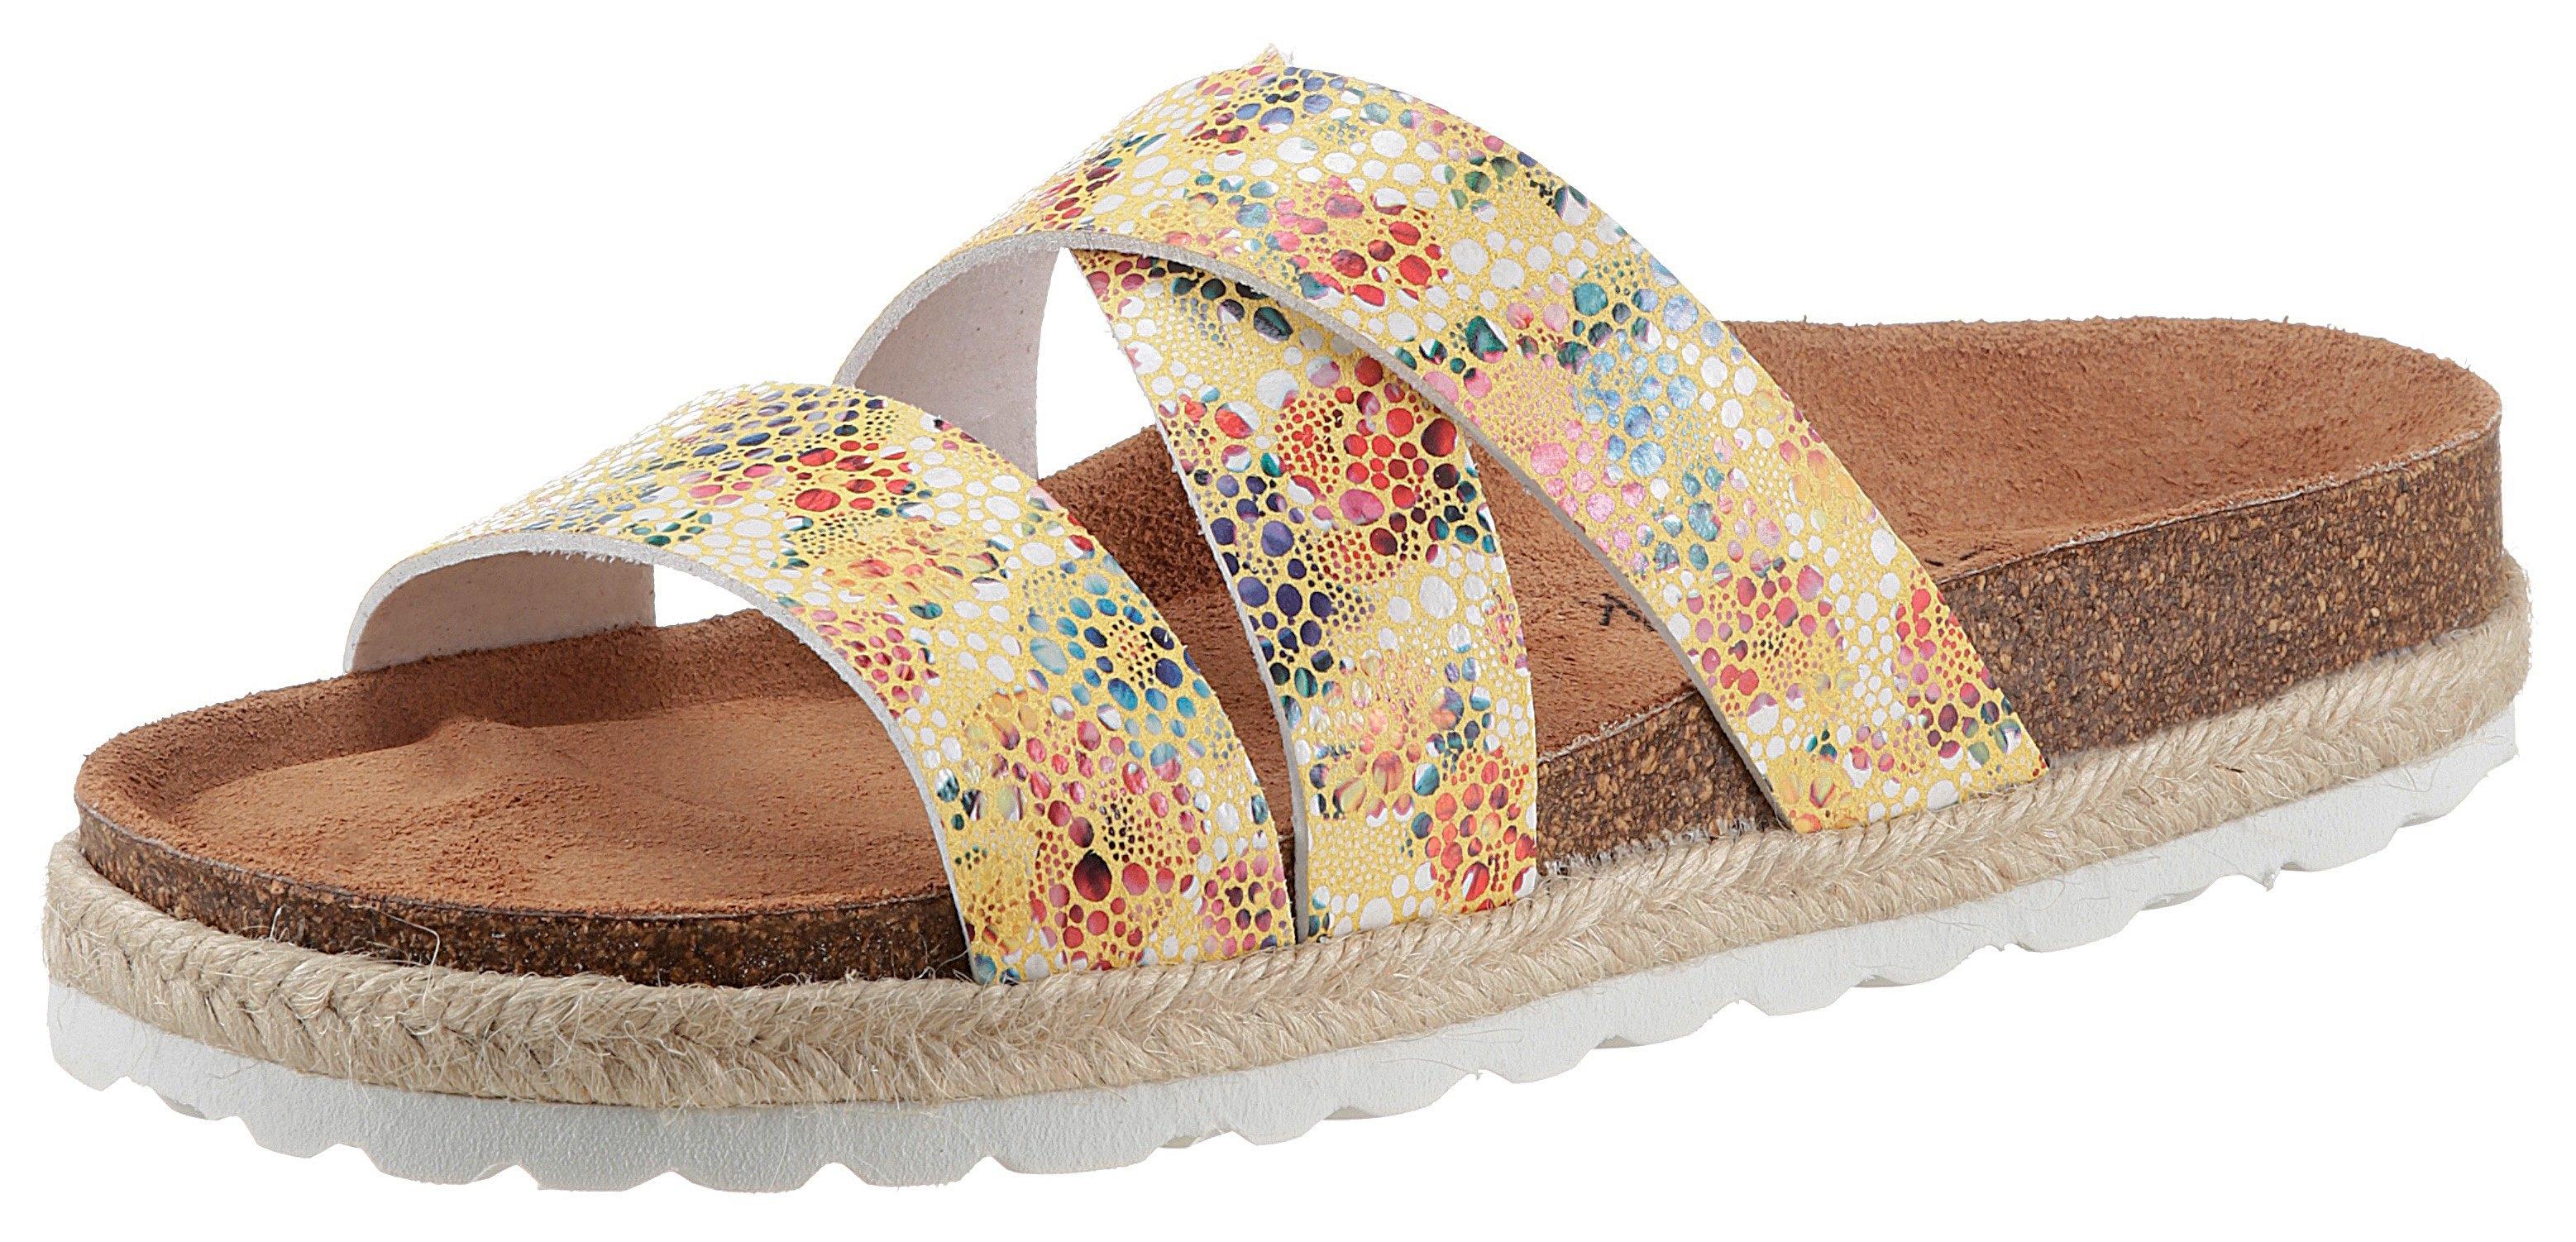 Op zoek naar een CITY WALK slippers met veelkleurige print? Koop online bij OTTO